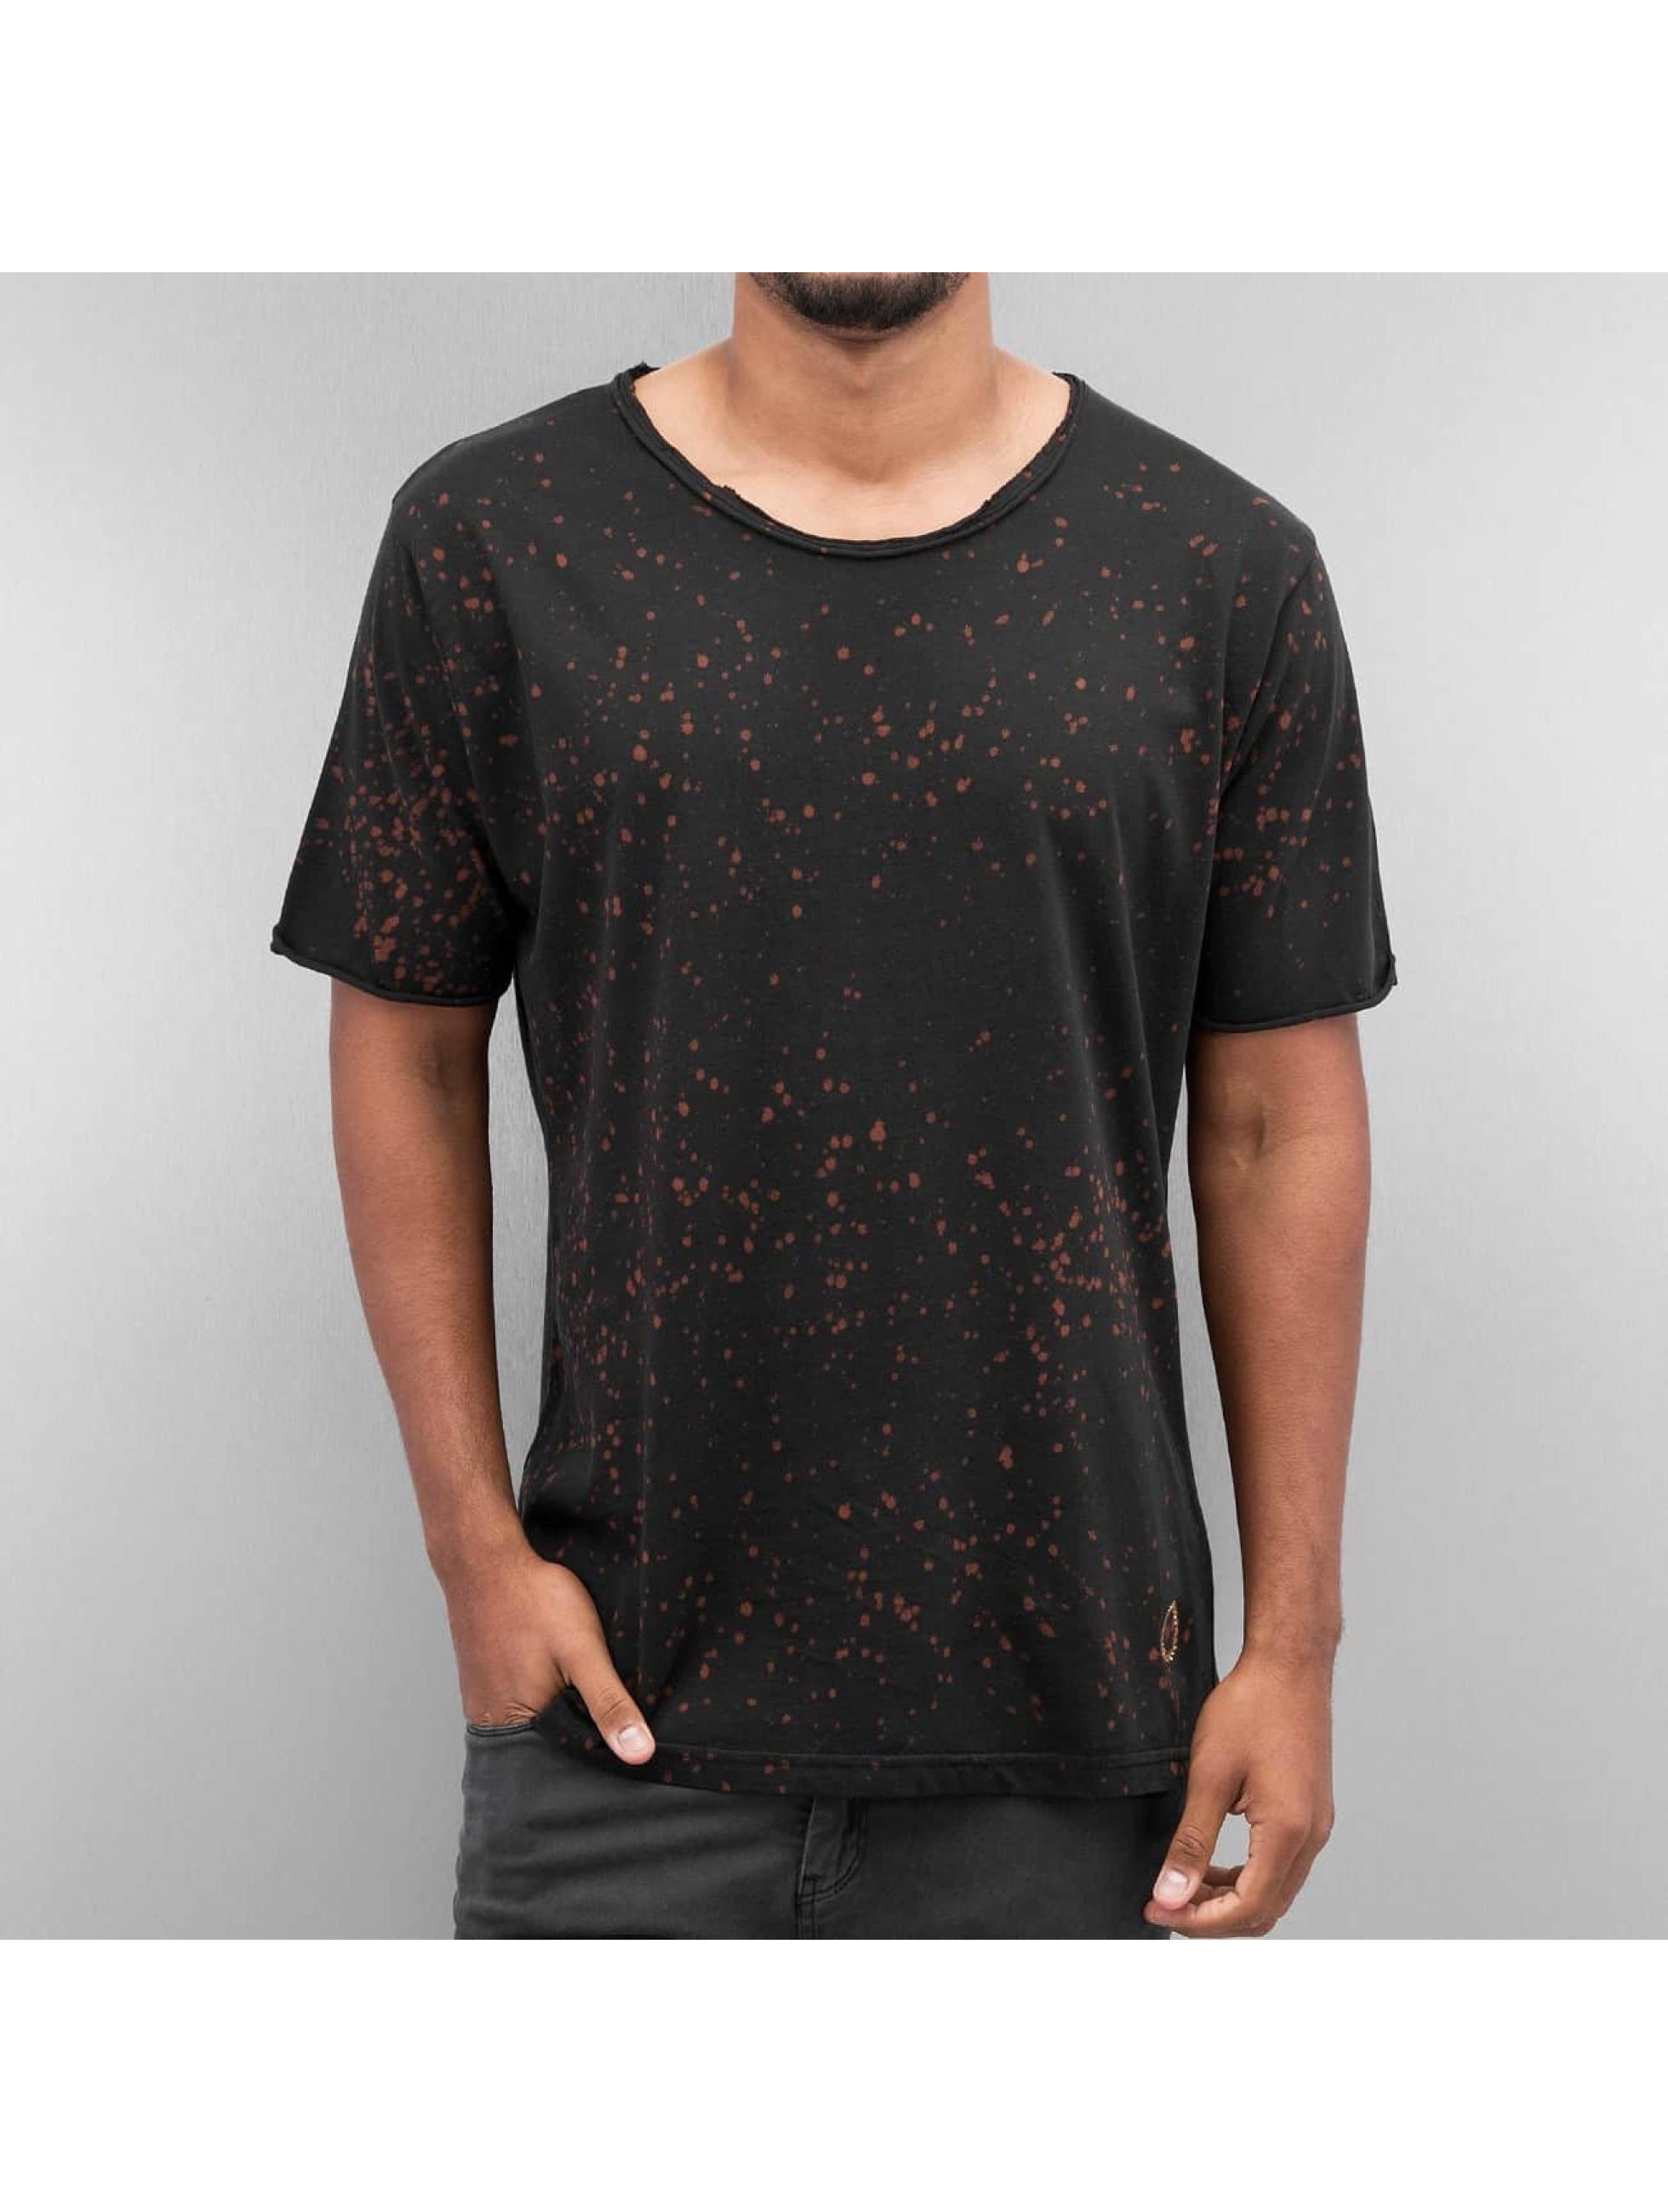 Yezz T-shirt Dots svart